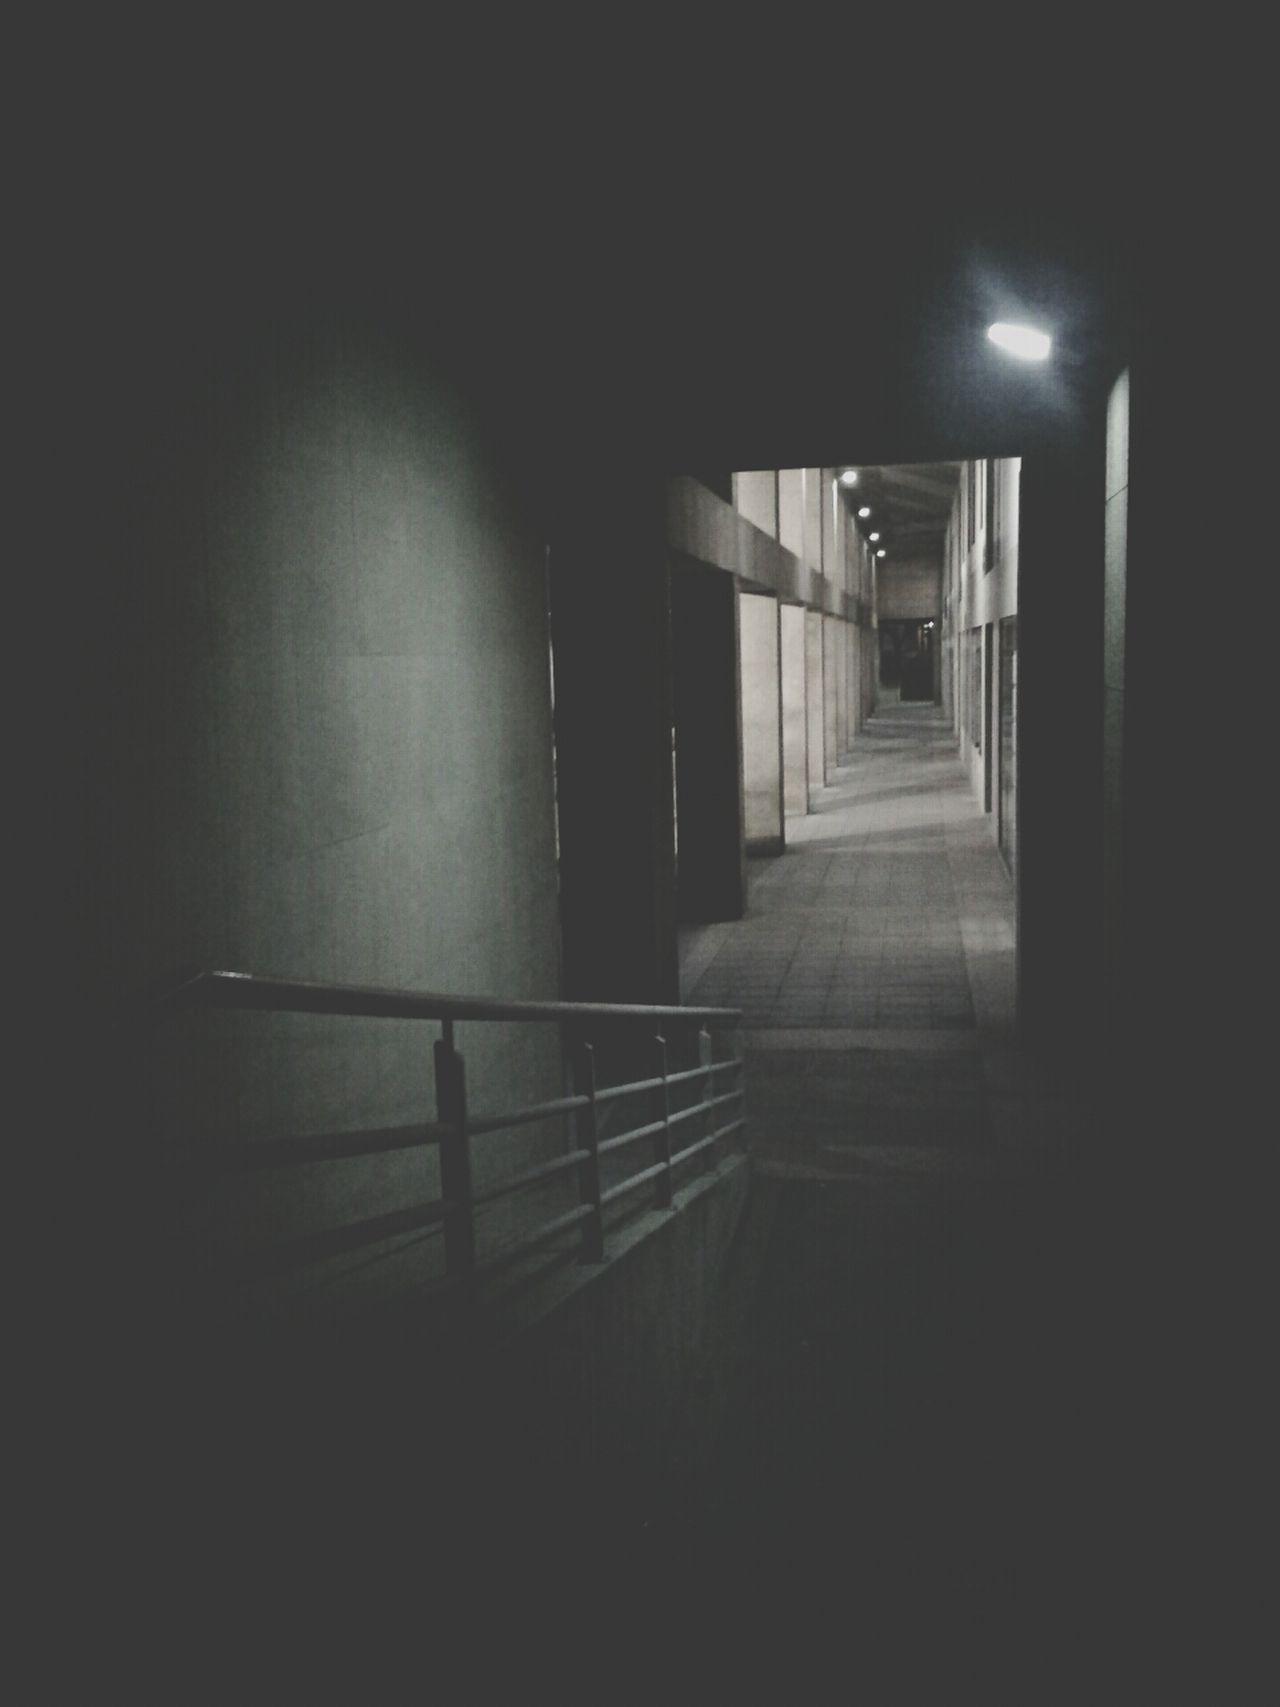 Black & White Monochrome Street Art Almostblackandwhite